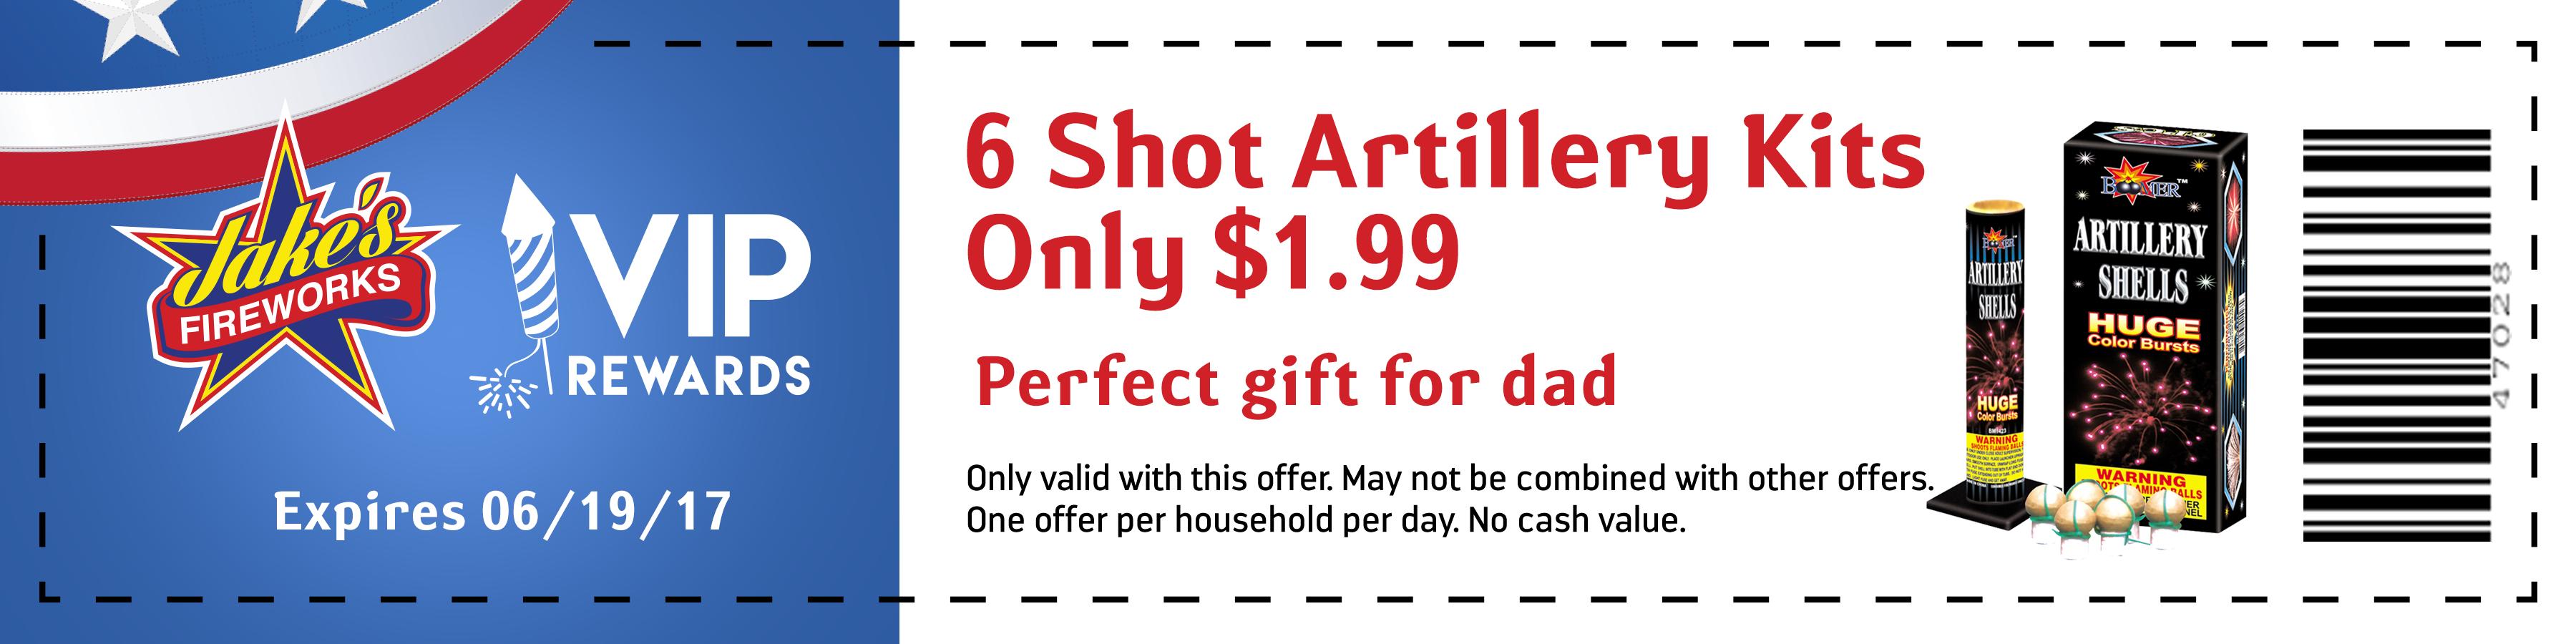 6 shot artillery firework coupon